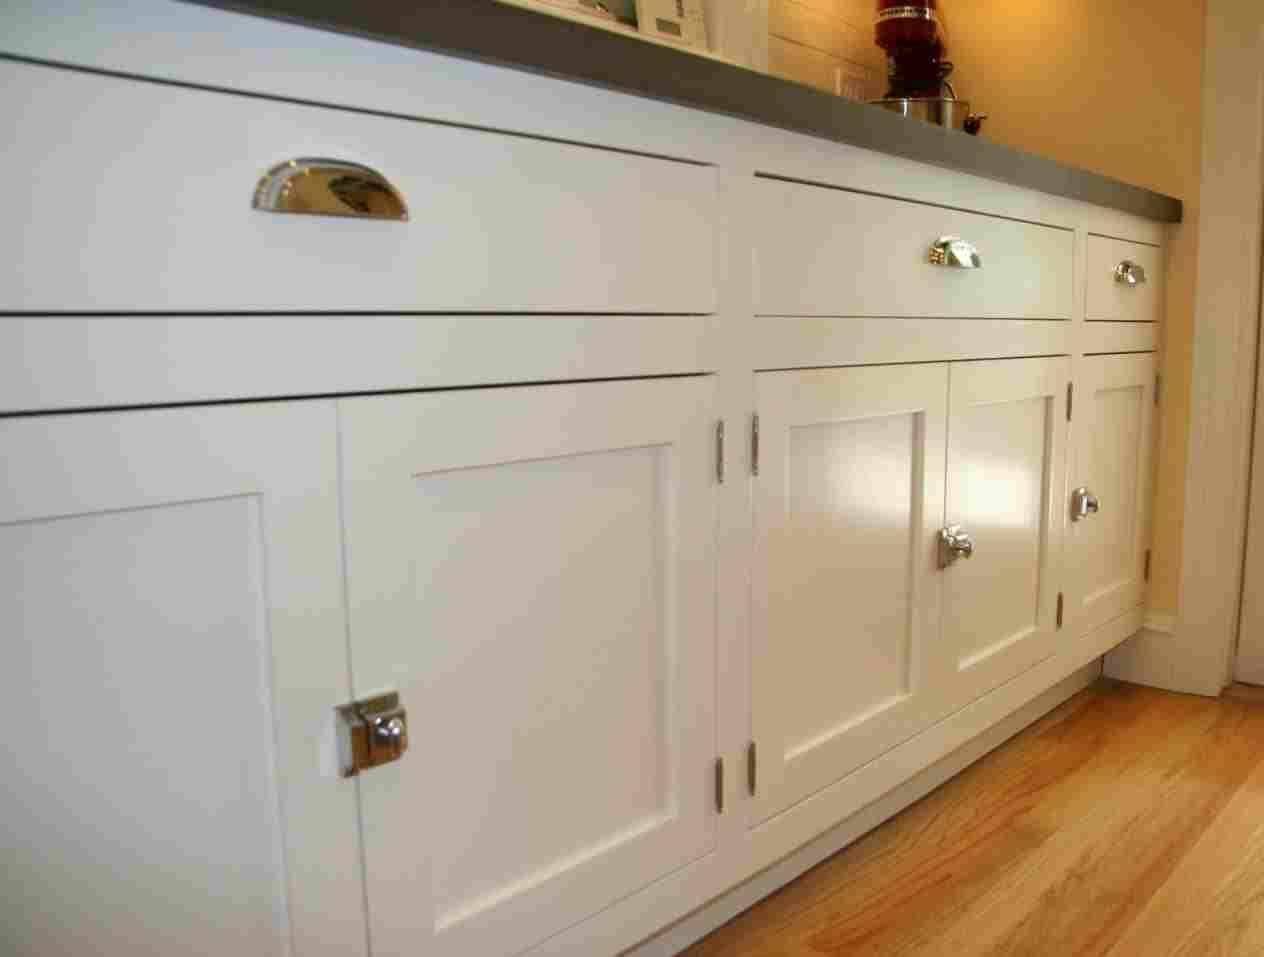 Ikea Kitchen Cabinets For Bathroom Vanity | Cabinet door ...